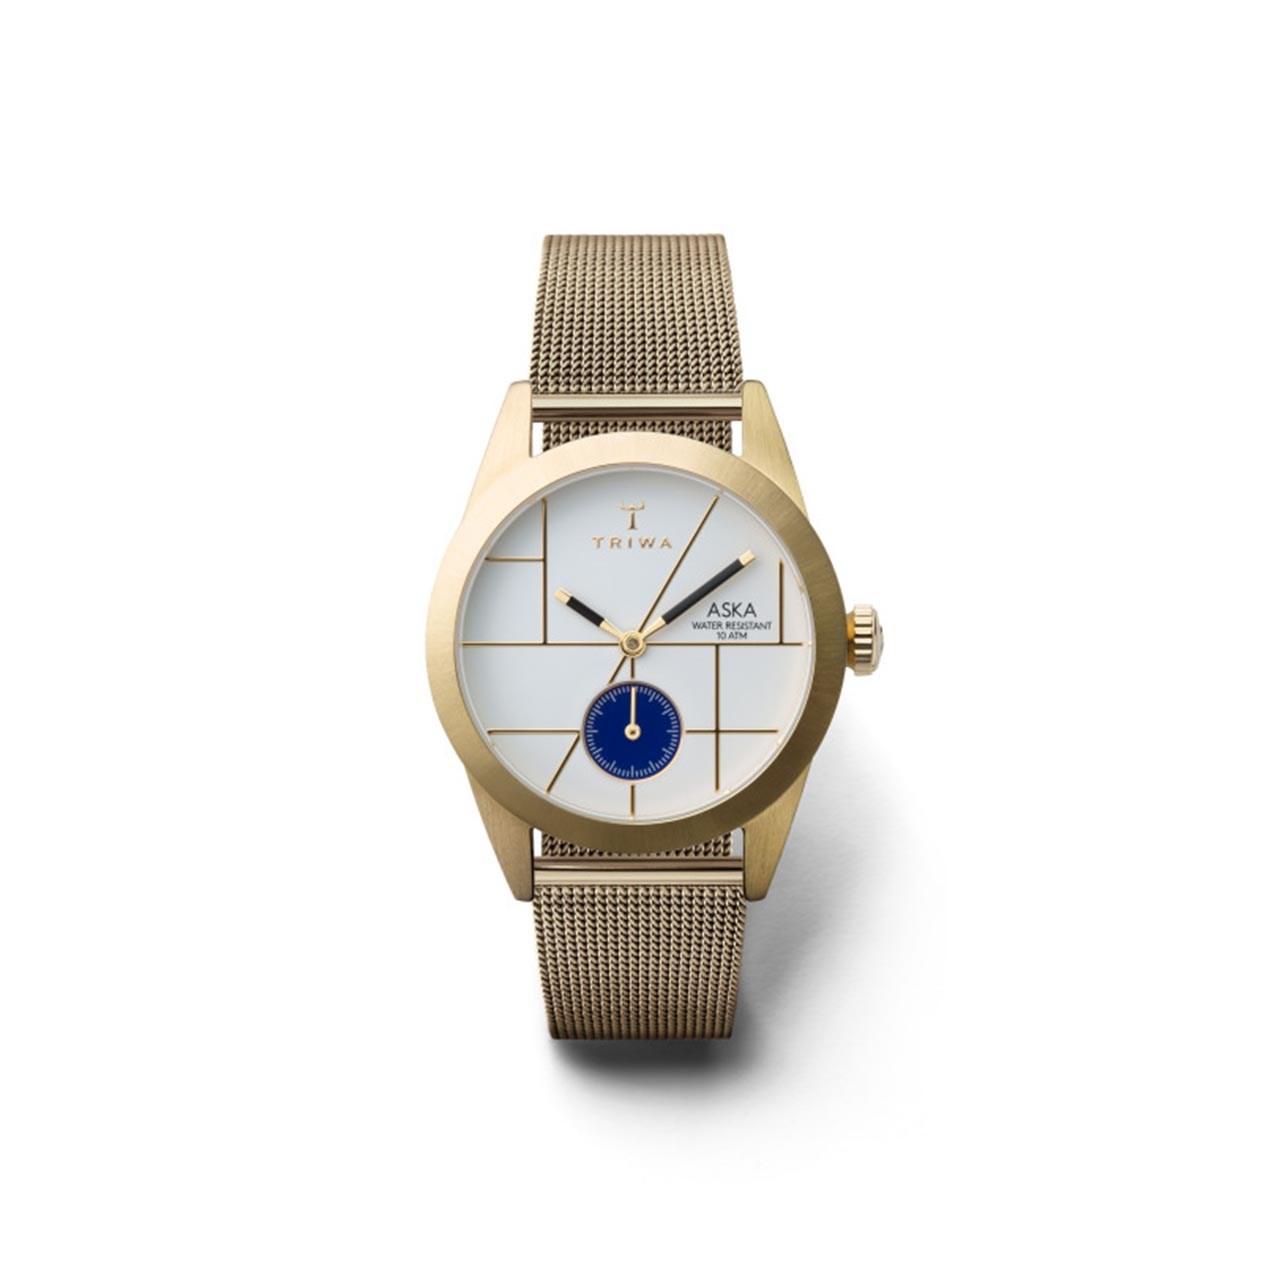 خرید ساعت عقربه ای تیریوا مدل دیکس اسکا